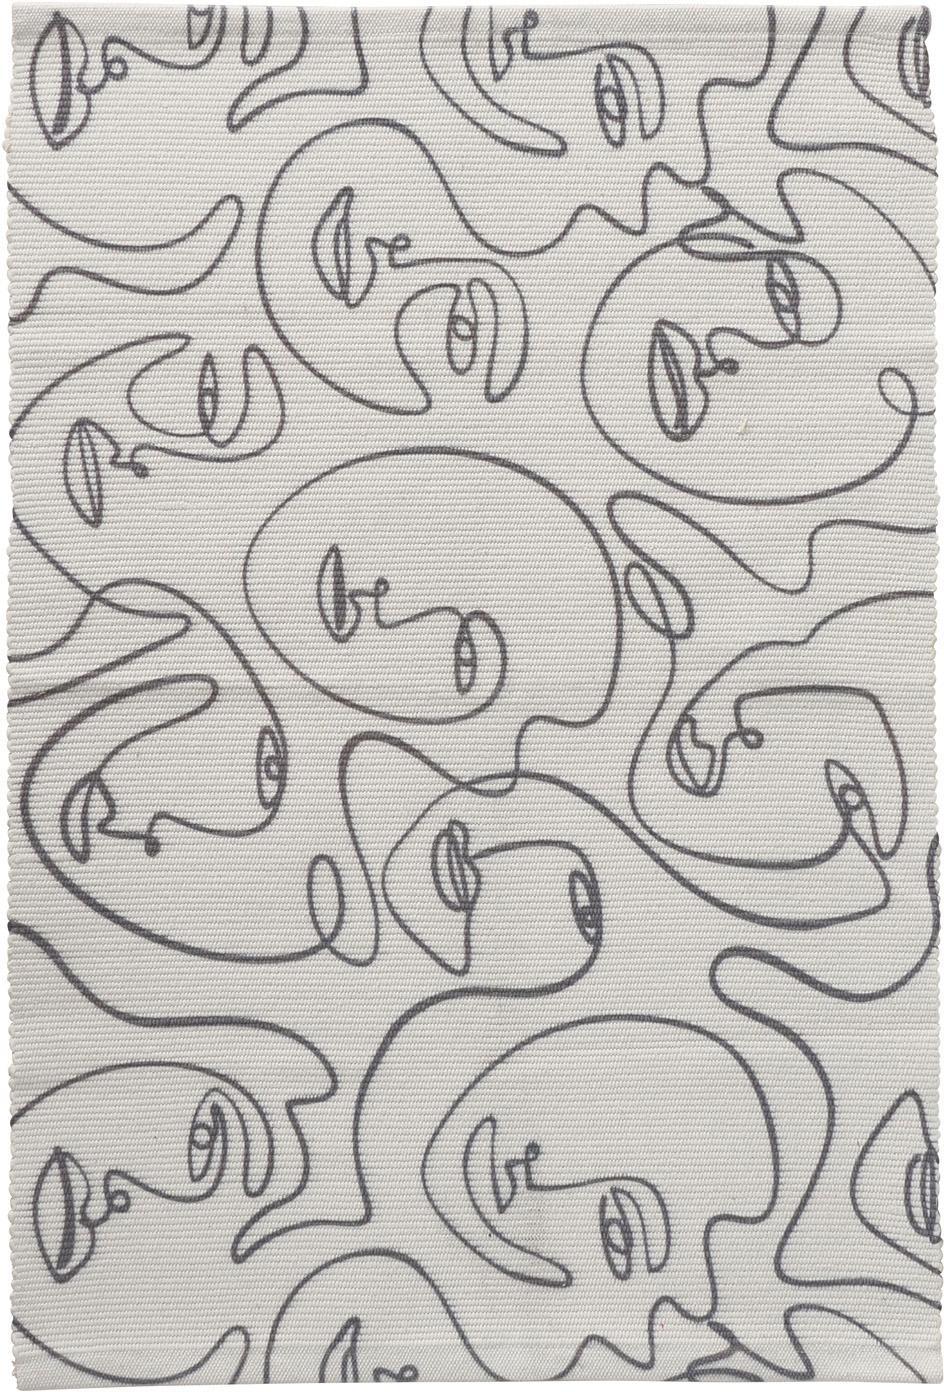 Tappeto con disegno astratto One Line Picas, 50% cotone, 50% poliestere, Bianco latteo, nero, Larg. 60 x Lung. 90 cm (taglia XXS)